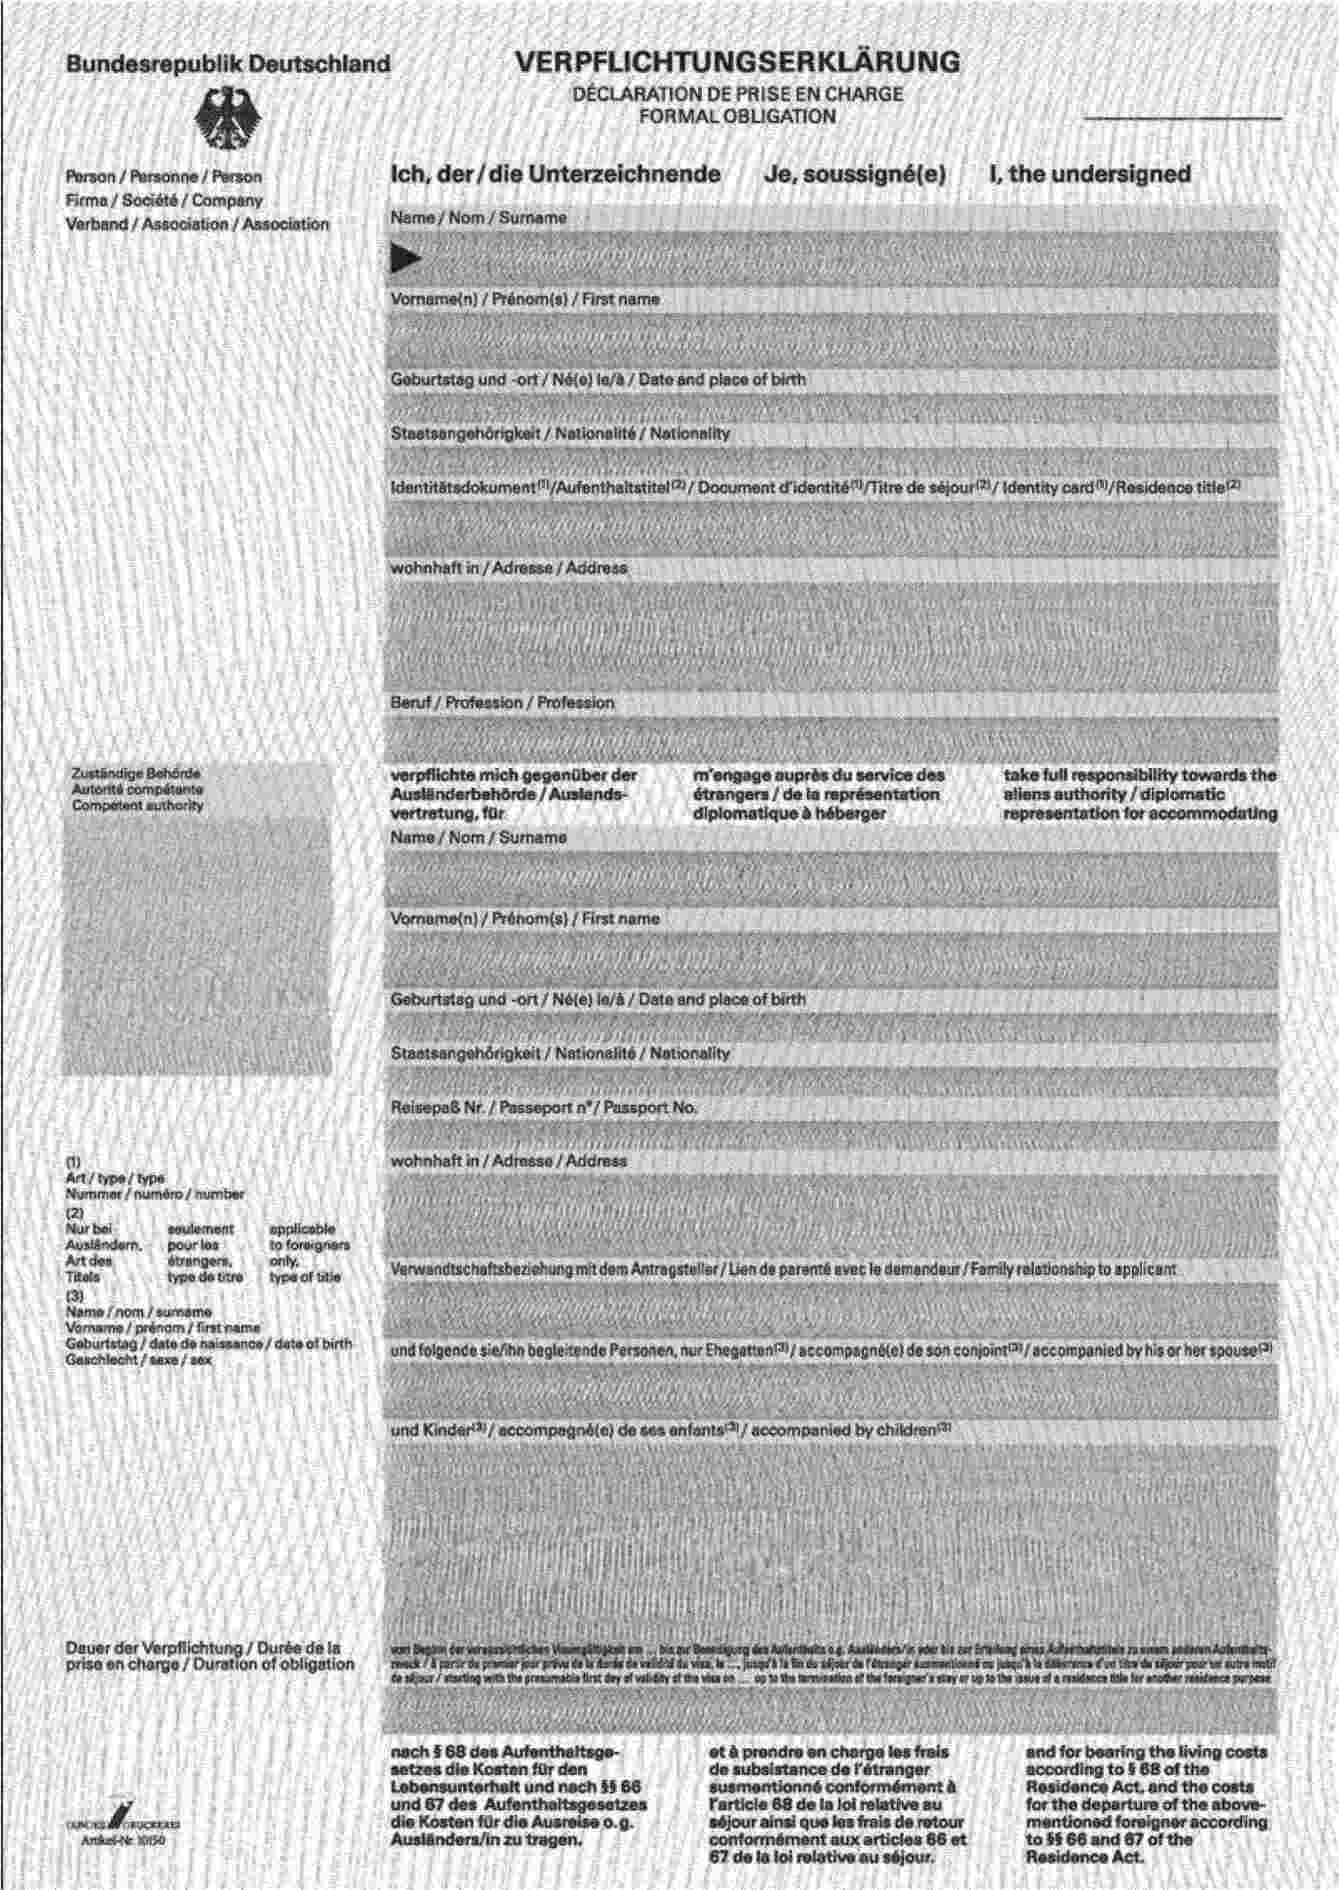 eur lex 52005xg122201 en eur lex - Verpflichtungserklarung Muster